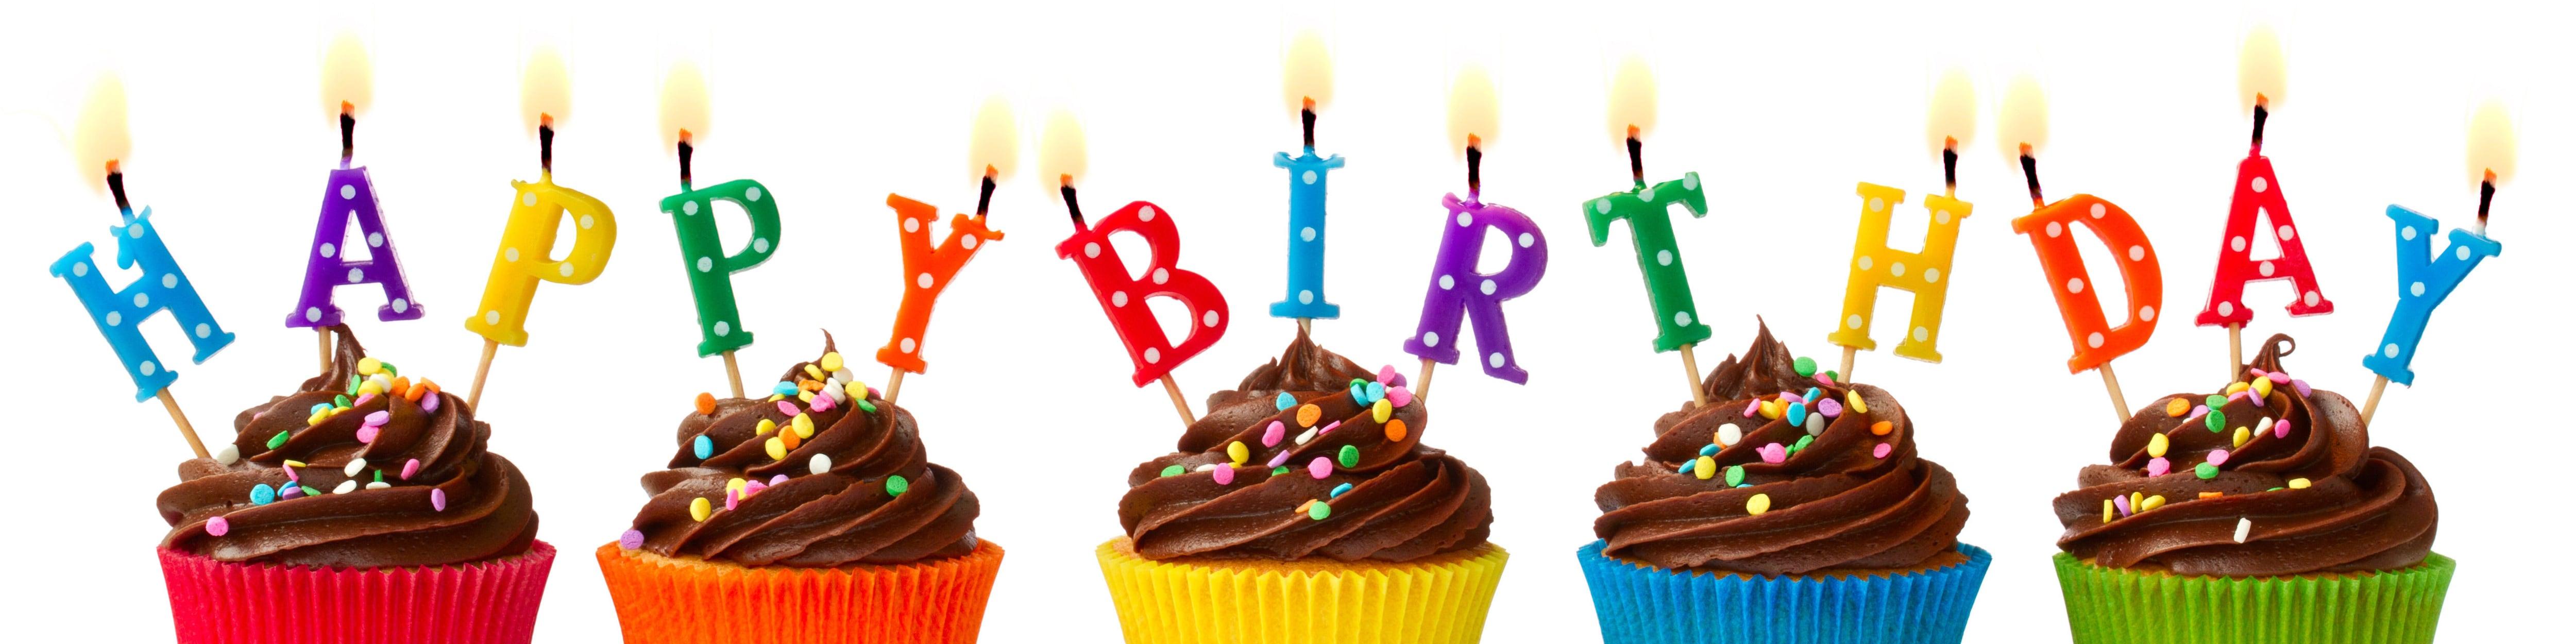 Поздравление с днем рождения на сербском языке